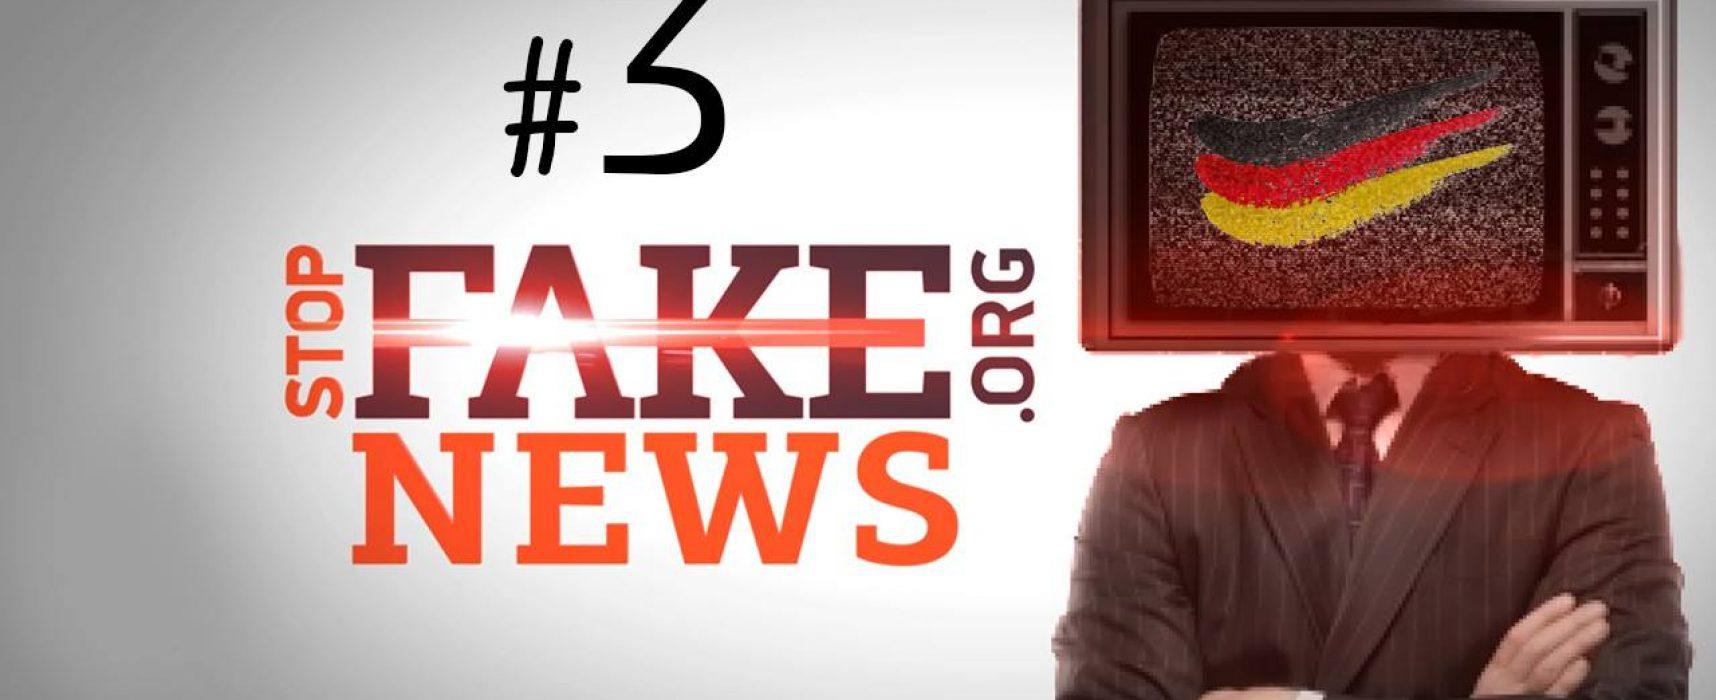 Welche Medien verbreiten die meisten FakeNews? – Sputnik, HuffPost und RT Deutsch